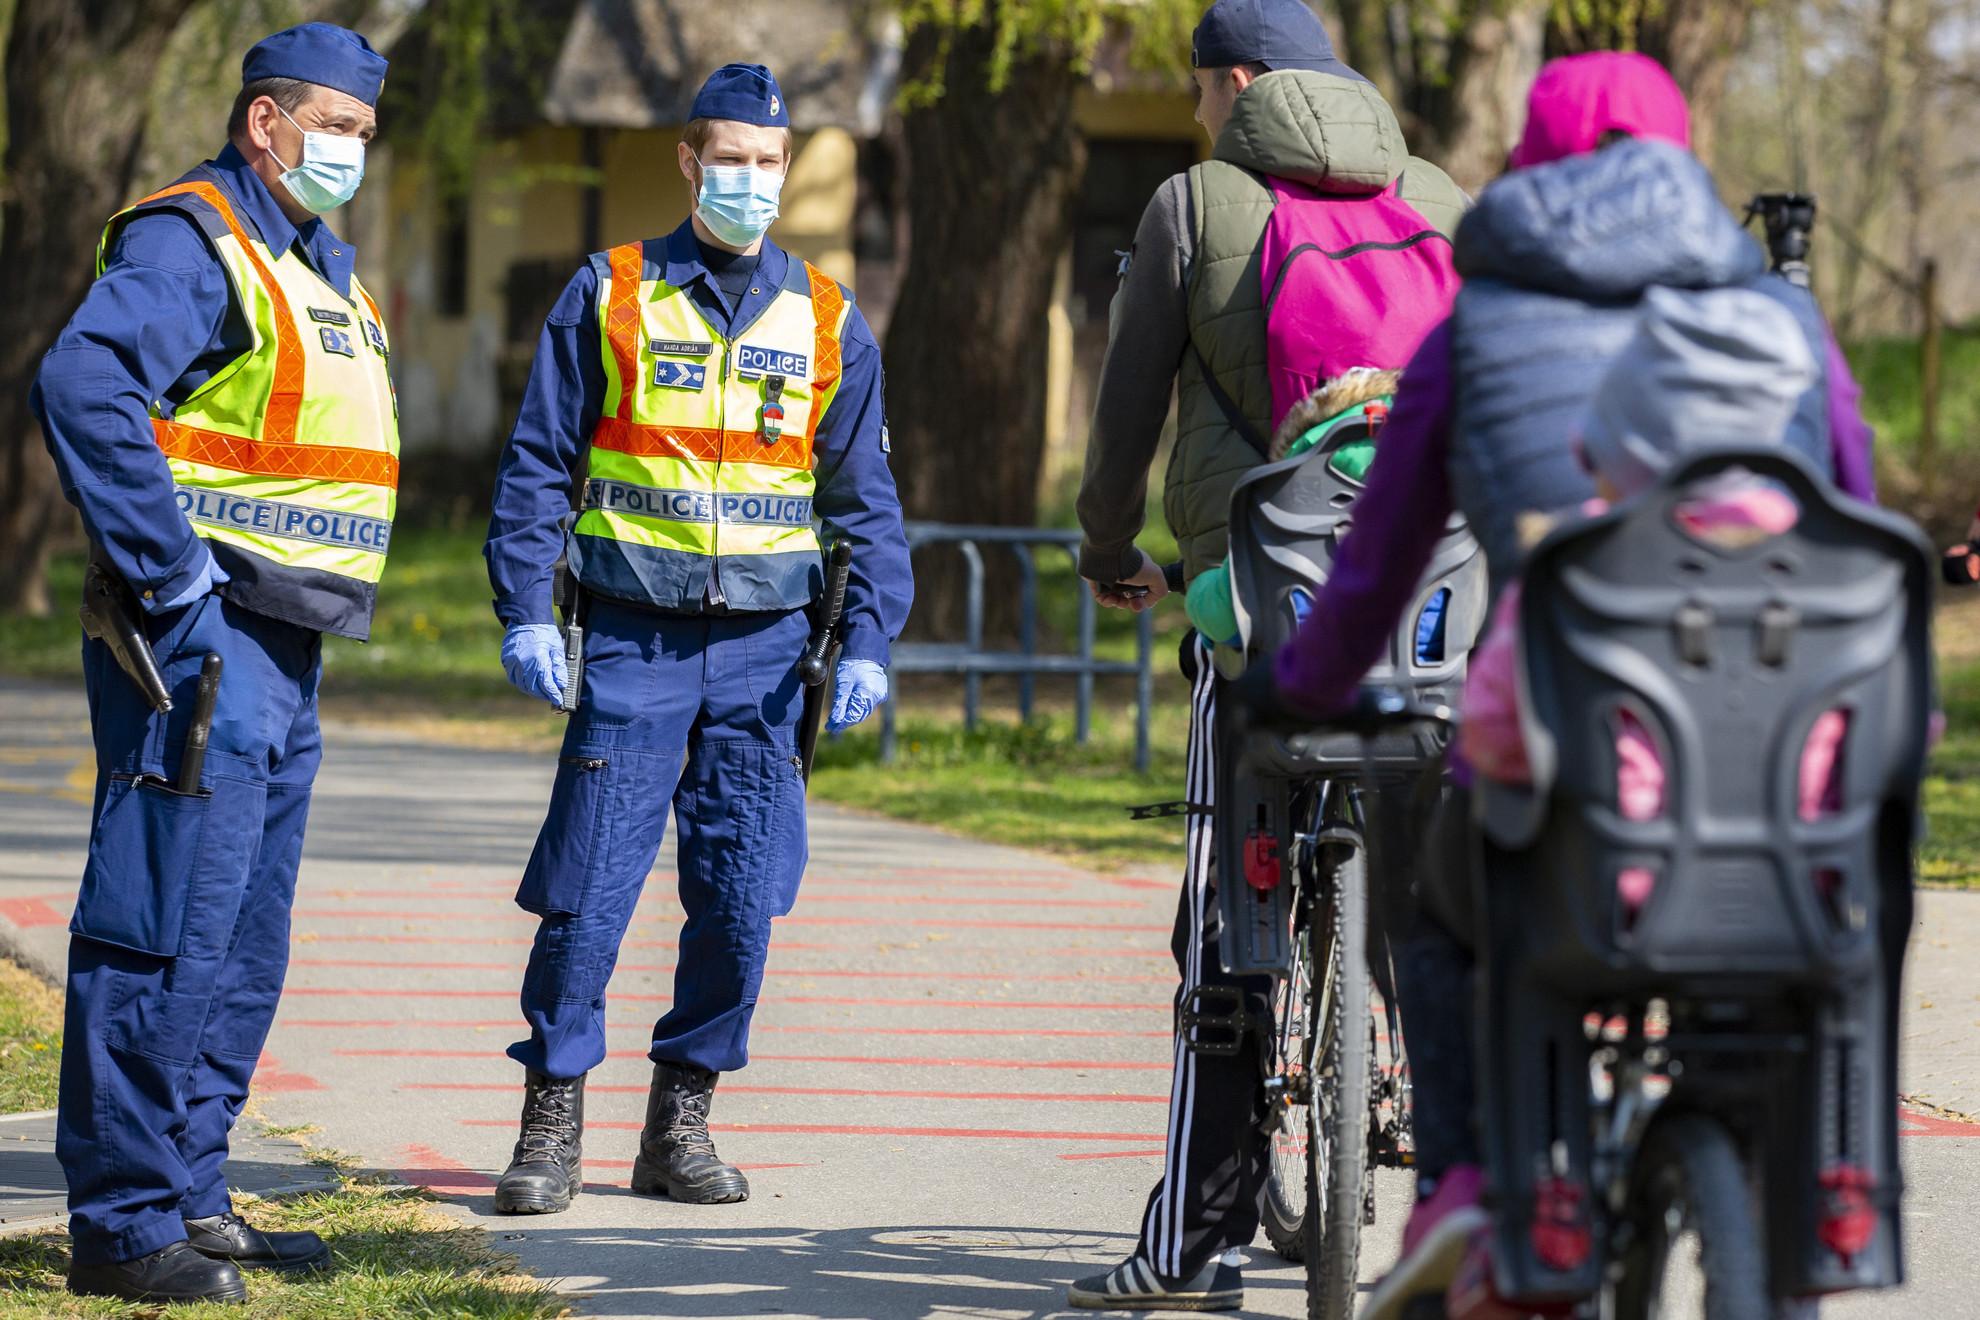 Rendőrök beszélgetnek kerékpárosokkal Kaposváron a Deseda-tó partján 2020. április 5-én